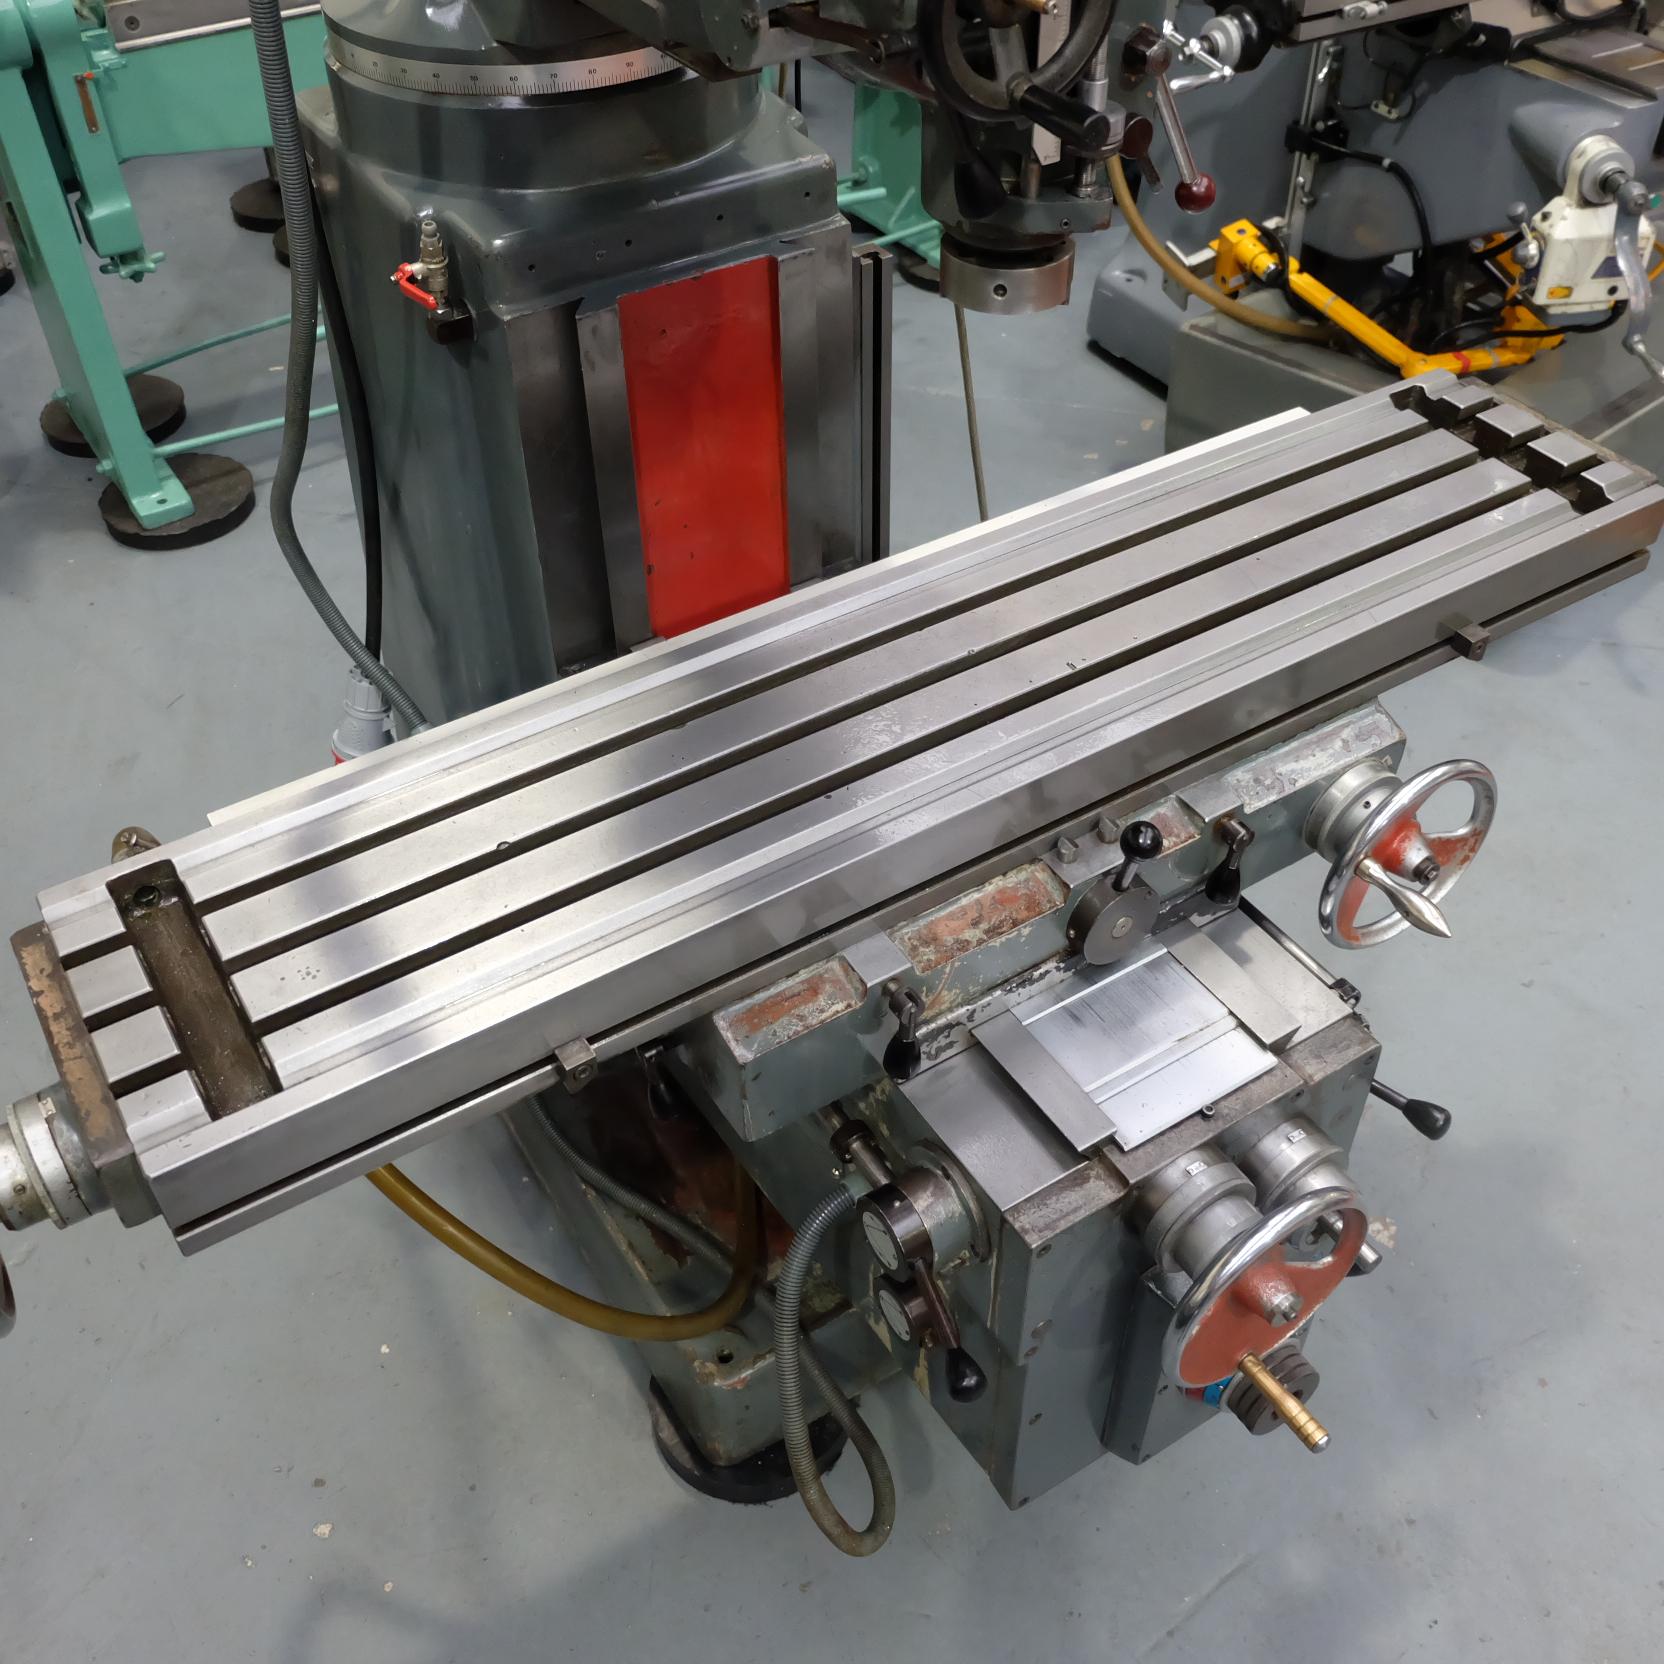 Ajax Model AJT4 Turret Milling Machine. - Image 5 of 9